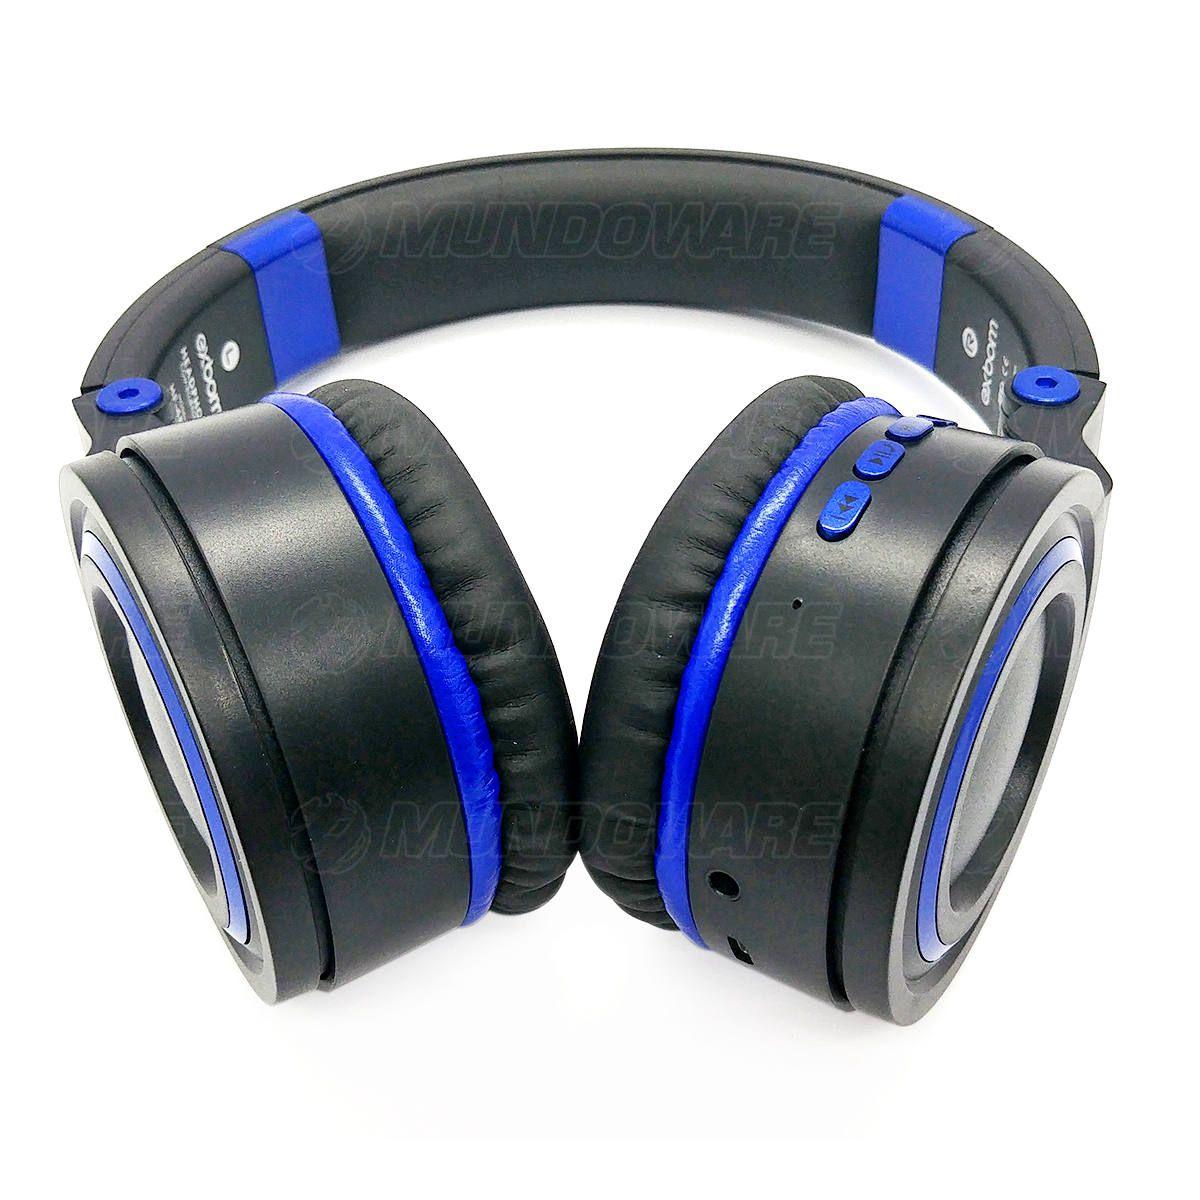 Fone Bluetooth 5.0 Wireless com Alças Dobráveis Headphone Exbom HF-480BT Preto com Azul